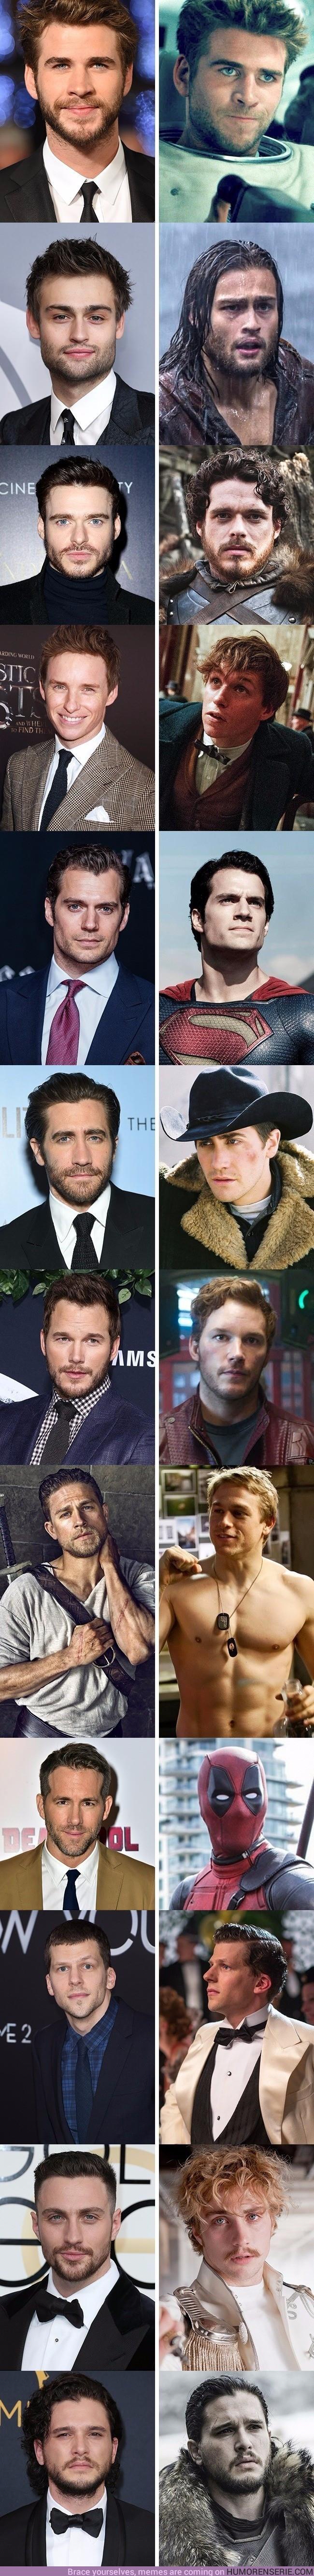 16205 - Los 11 actores más guapos de Hollywood